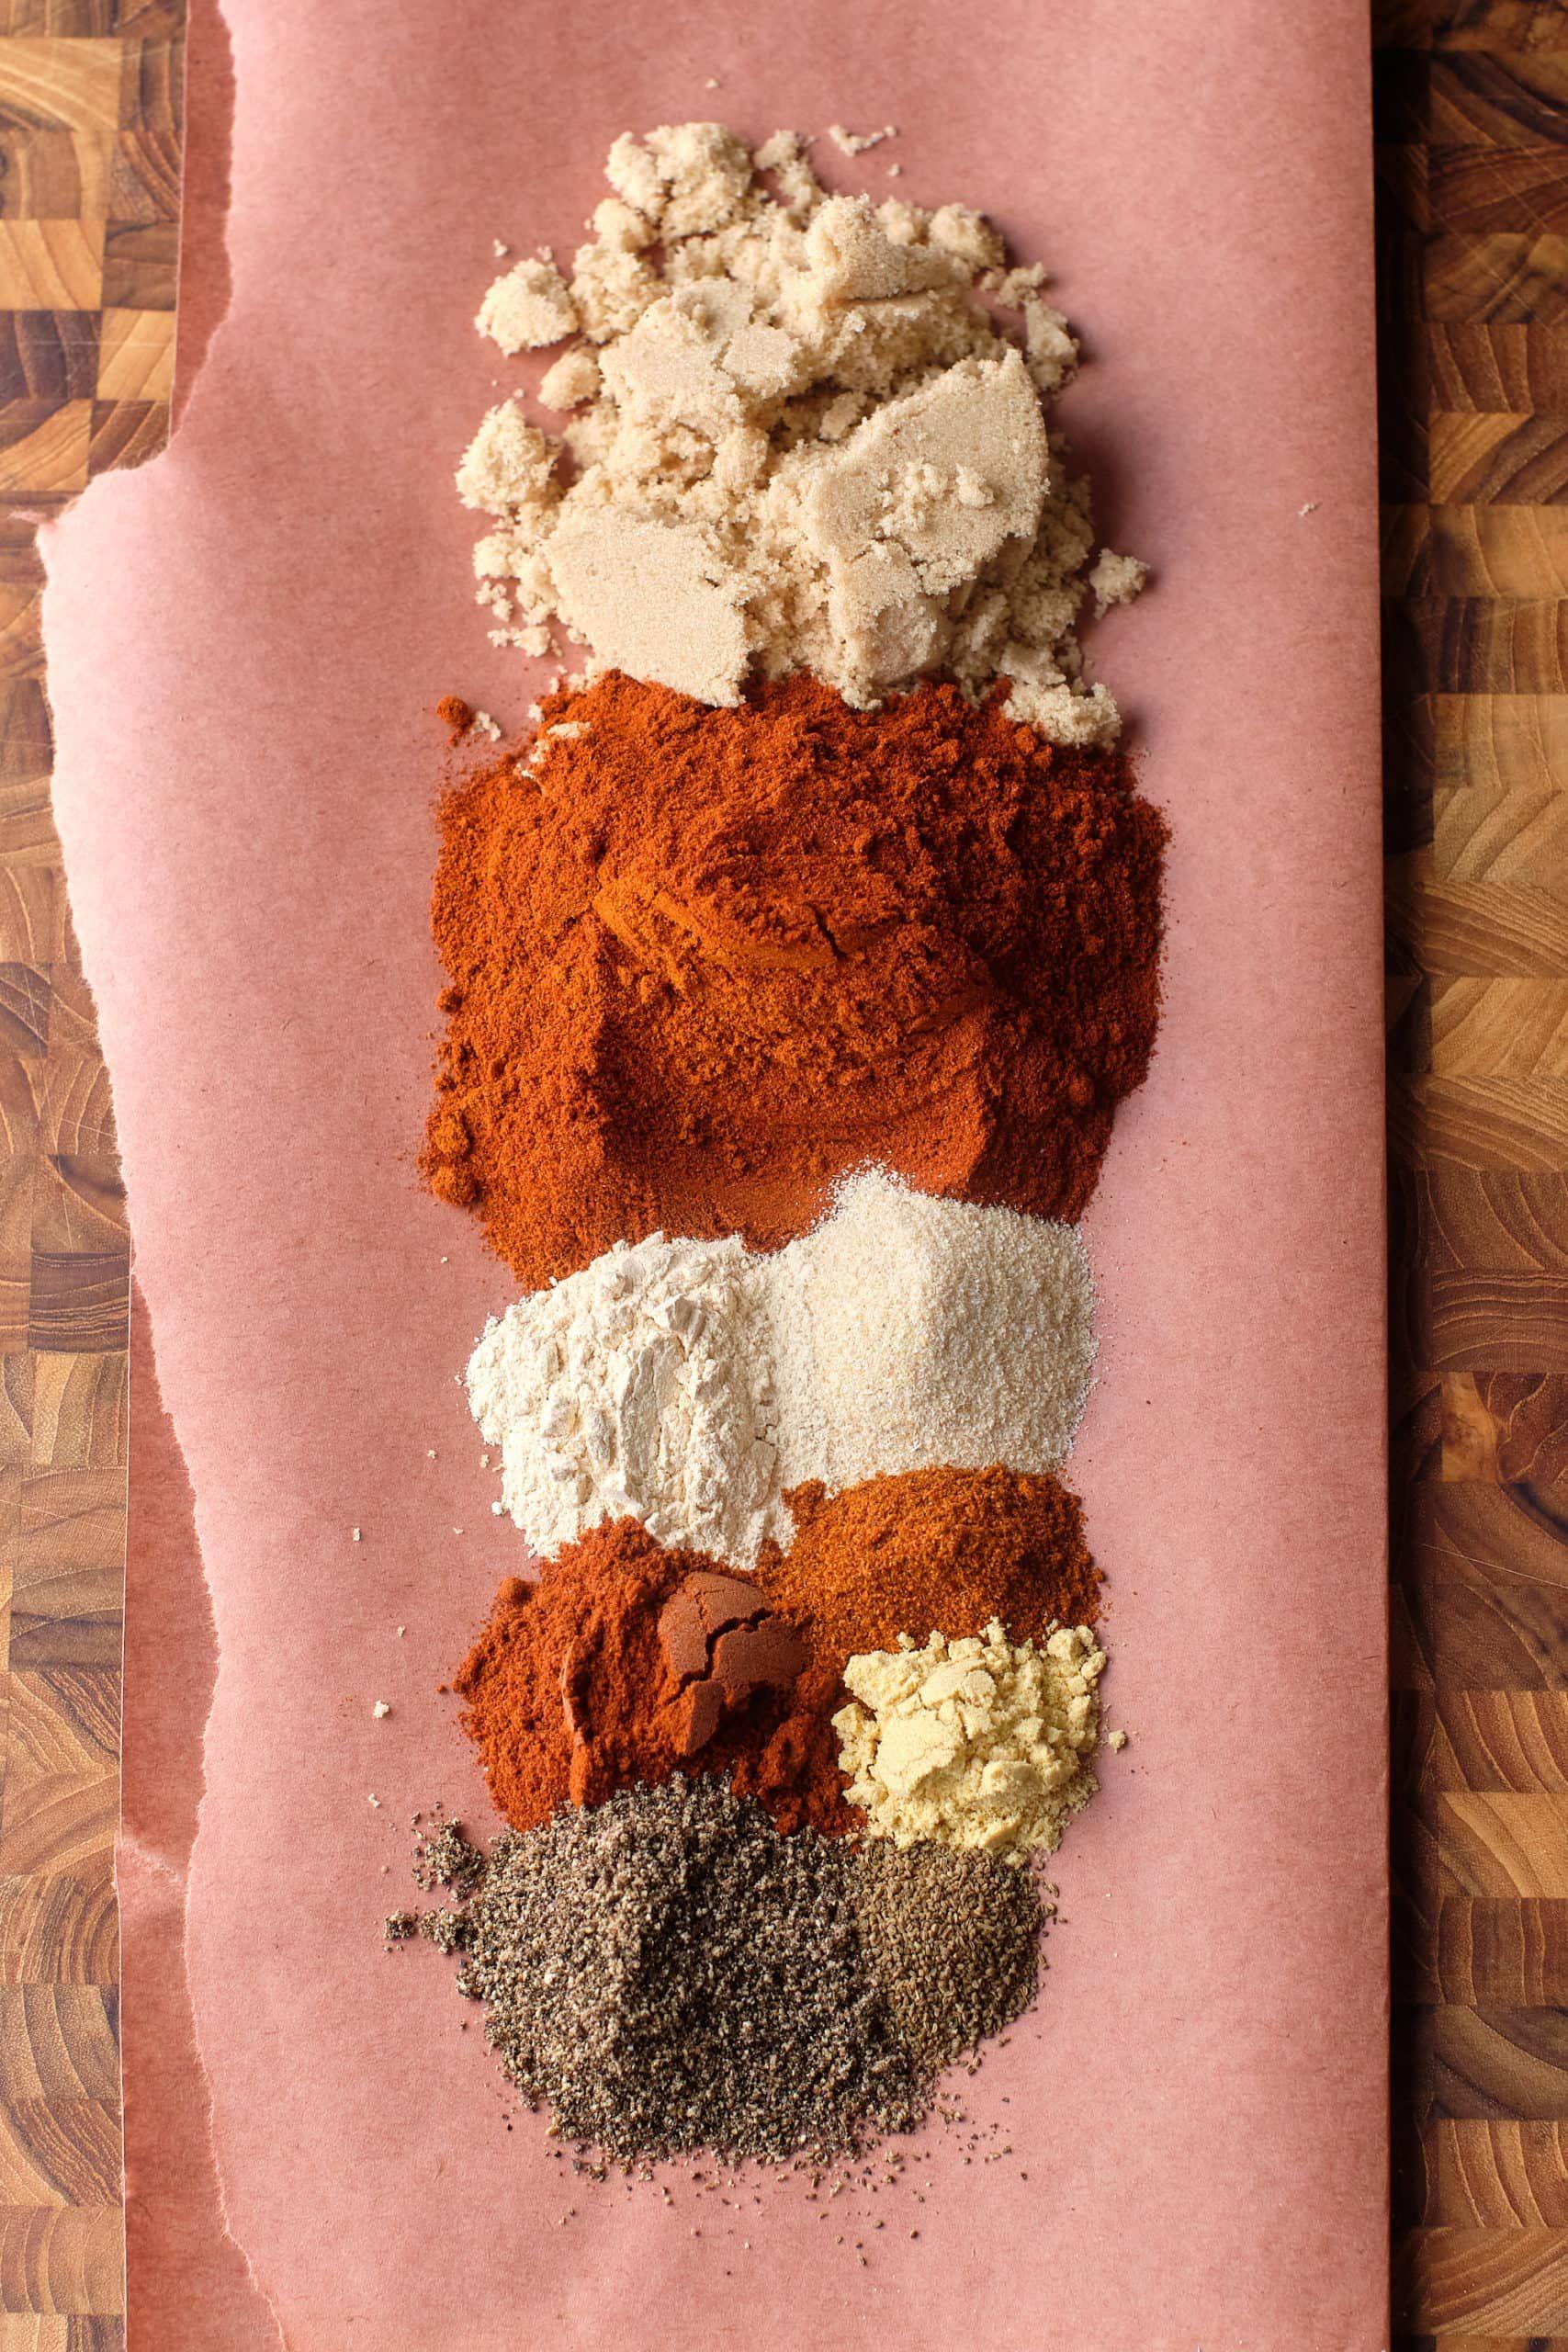 Make Traditional Kansas City Ribs With This Barbecue Rib Rub Recipe Barbecue Rub Recipes Dry Rub Recipes Rib Rub Recipe